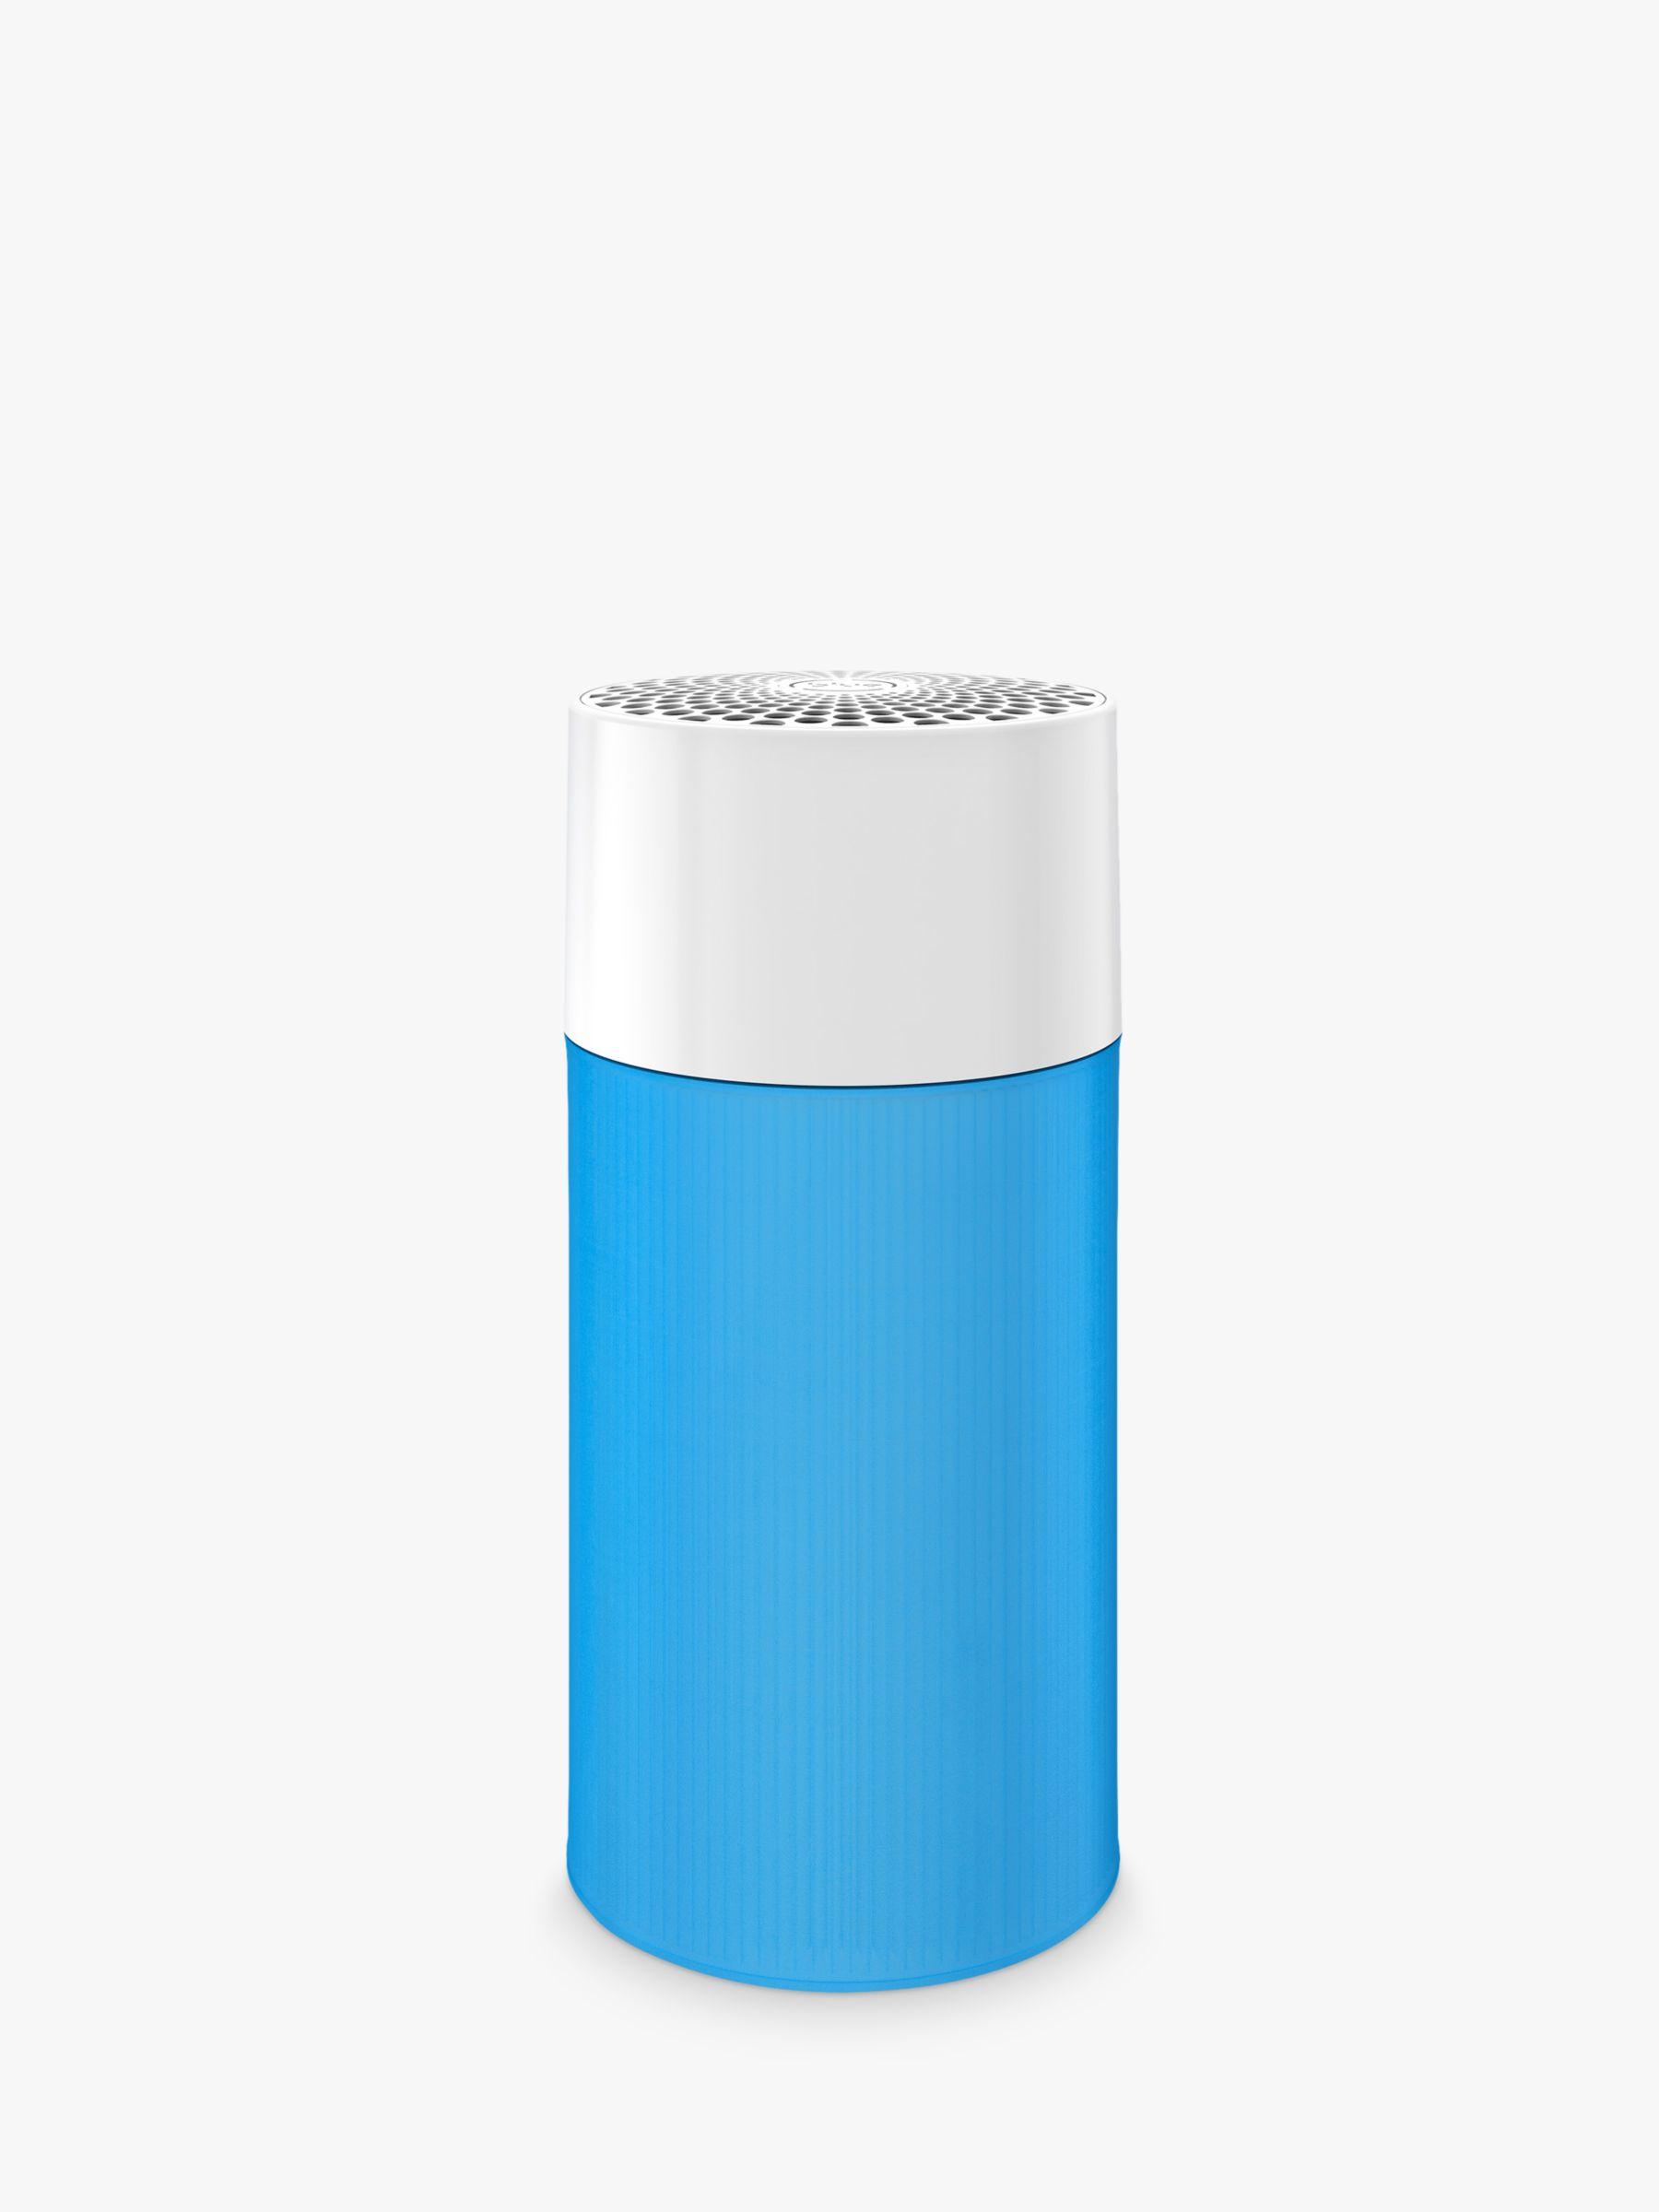 Blueair Blueair Blue Pure 411 Air Purifier